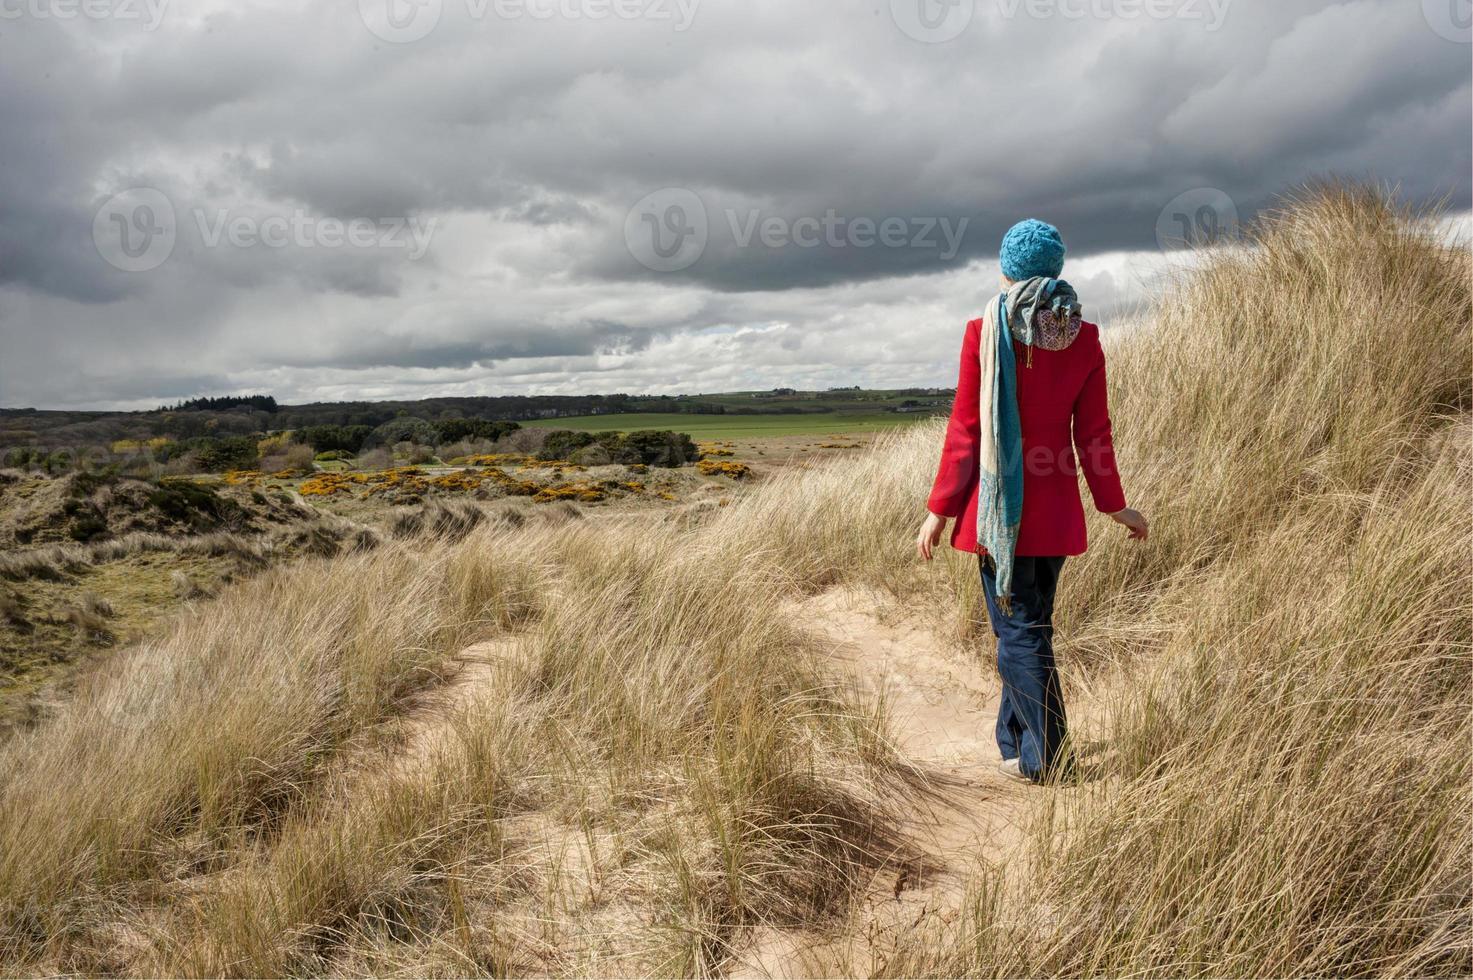 dunas de areia e vistas foto